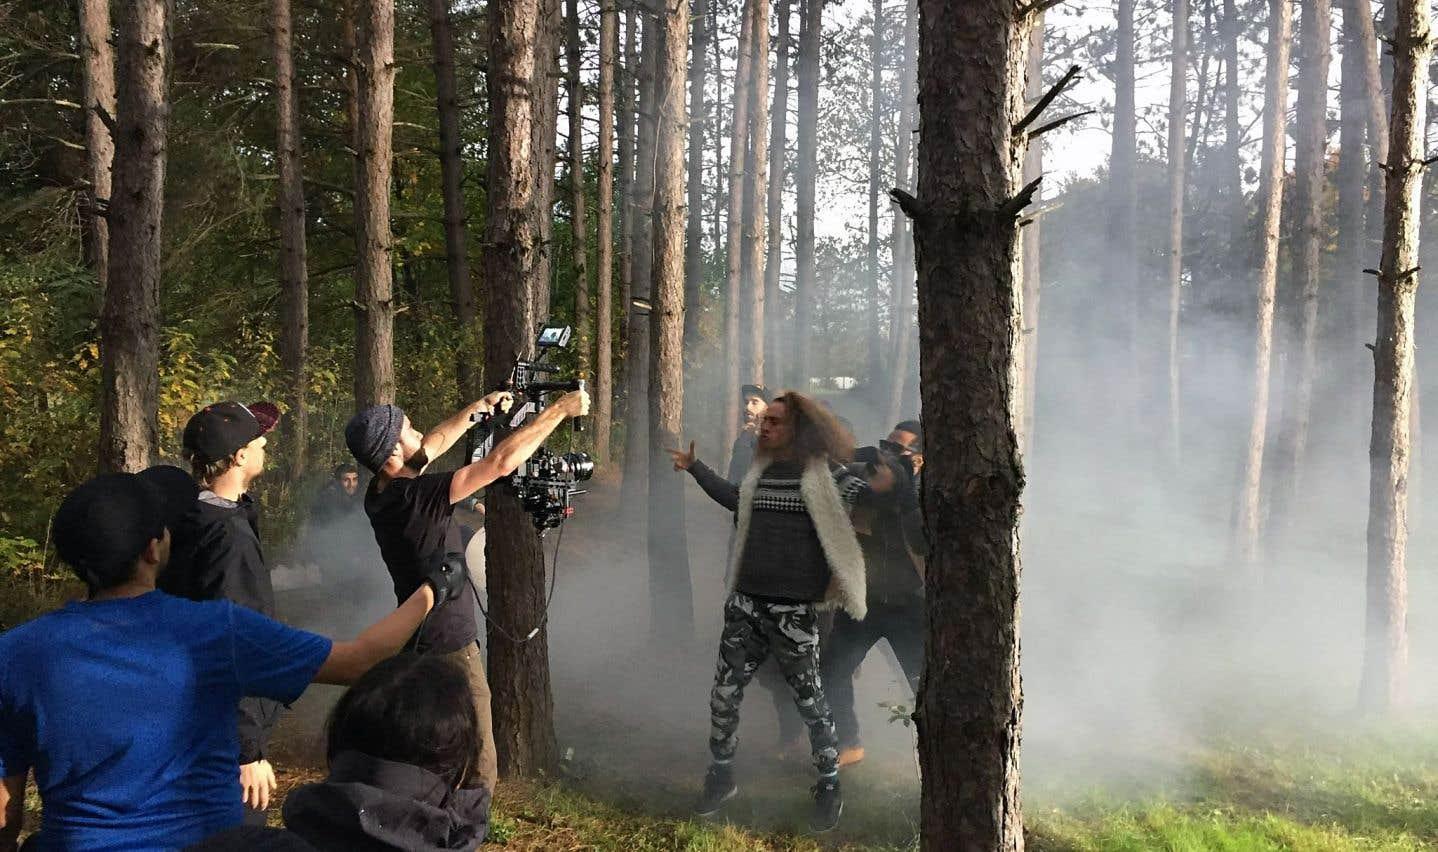 Tournage d'un vidéoclip d'Alaclair Ensemble. La chanson «Ça que c'tait» a gagné le Félix du vidéoclip de l'année au Gala de l'ADISQ l'an dernier.